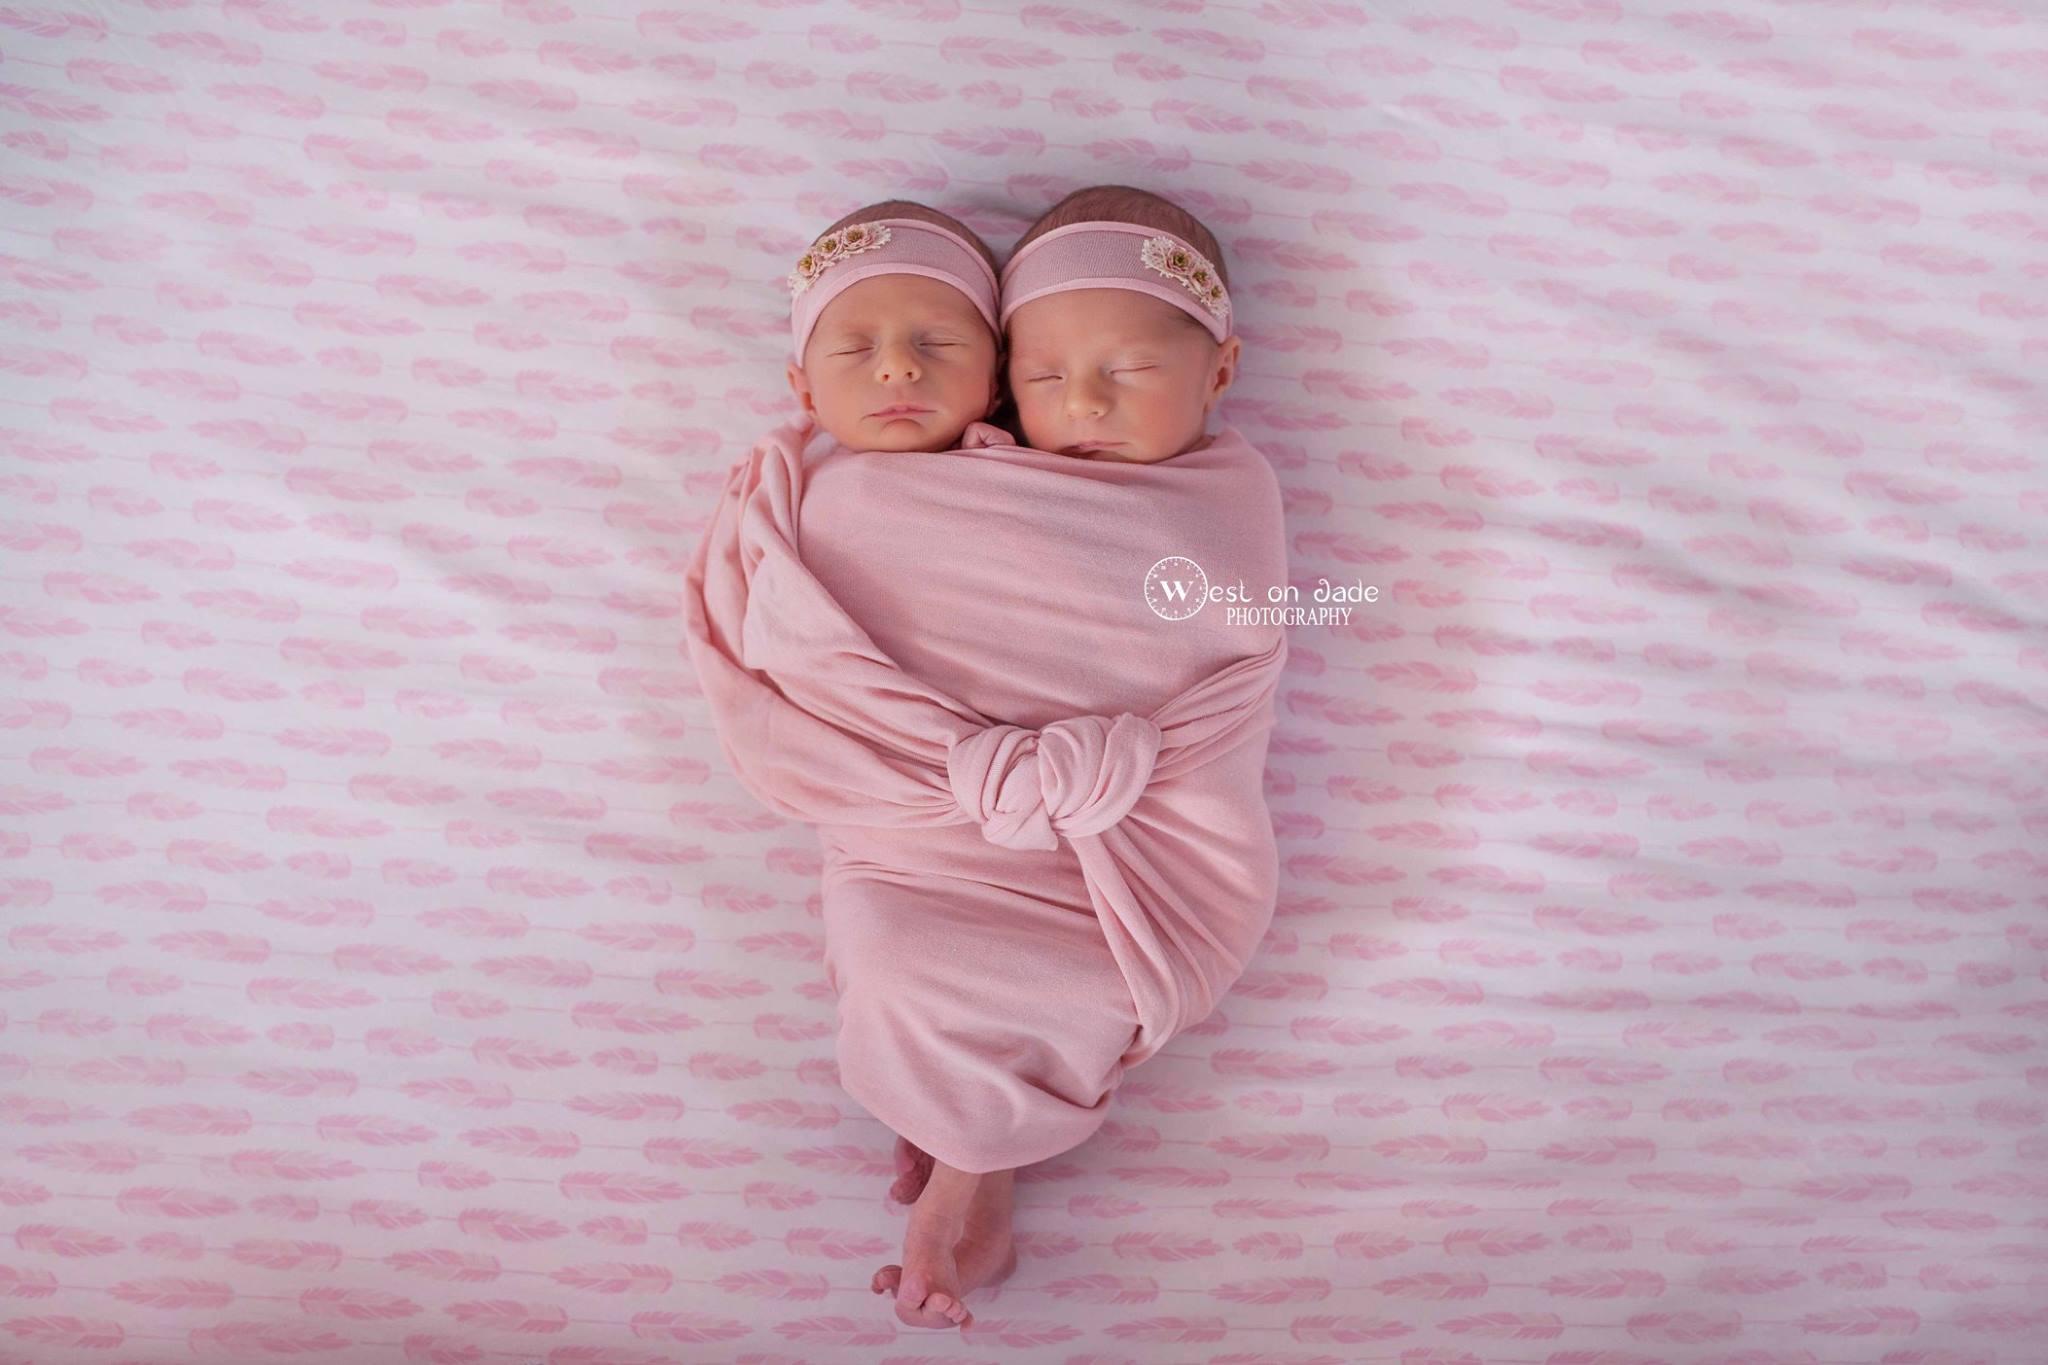 Мама запечатлила, как ее старшие близнецы обнимаются со своими новорожденными сестричками-близнецами